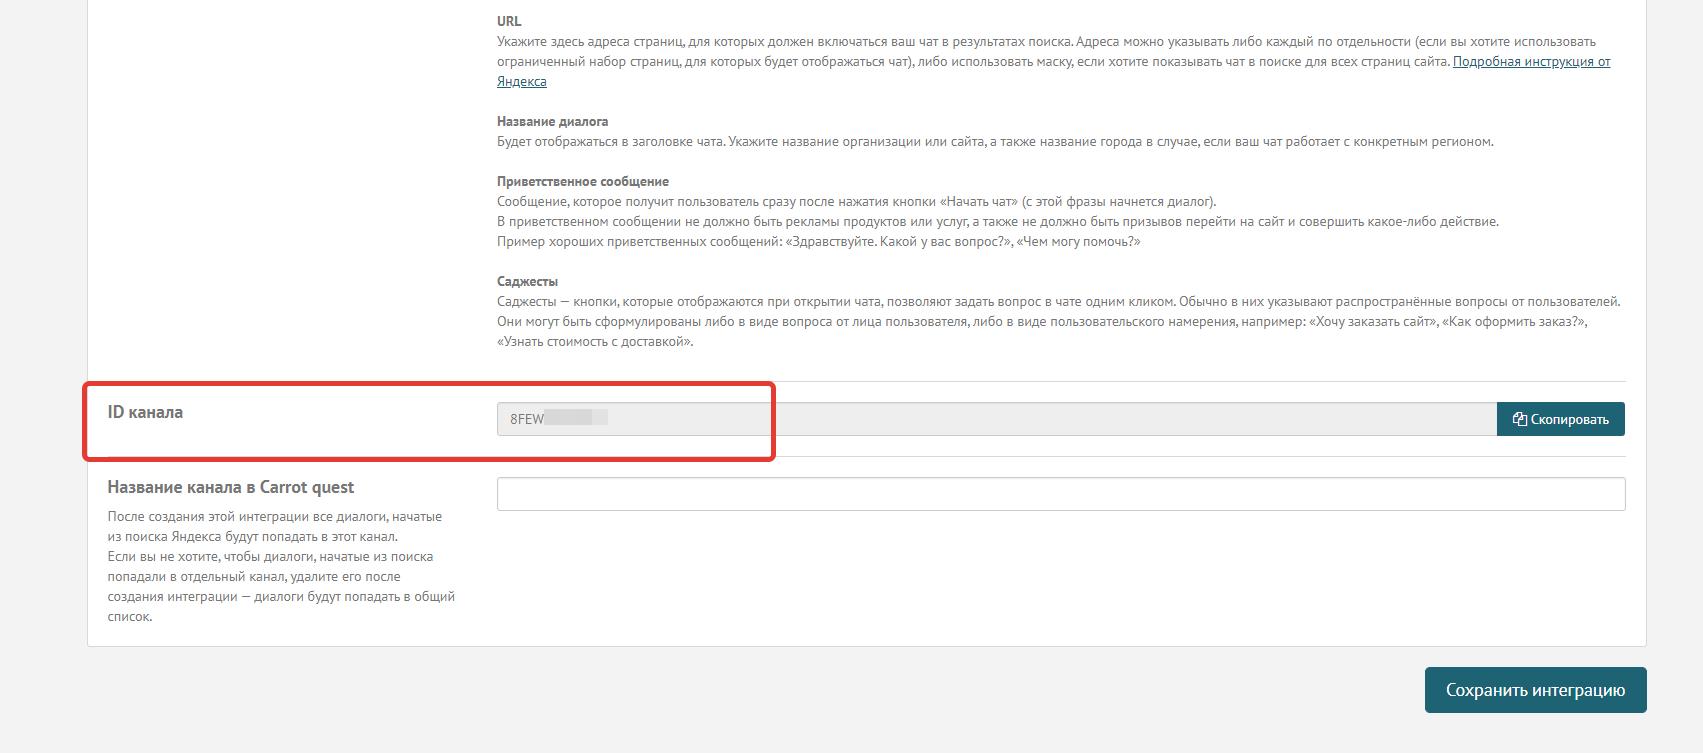 заполнение ID канала